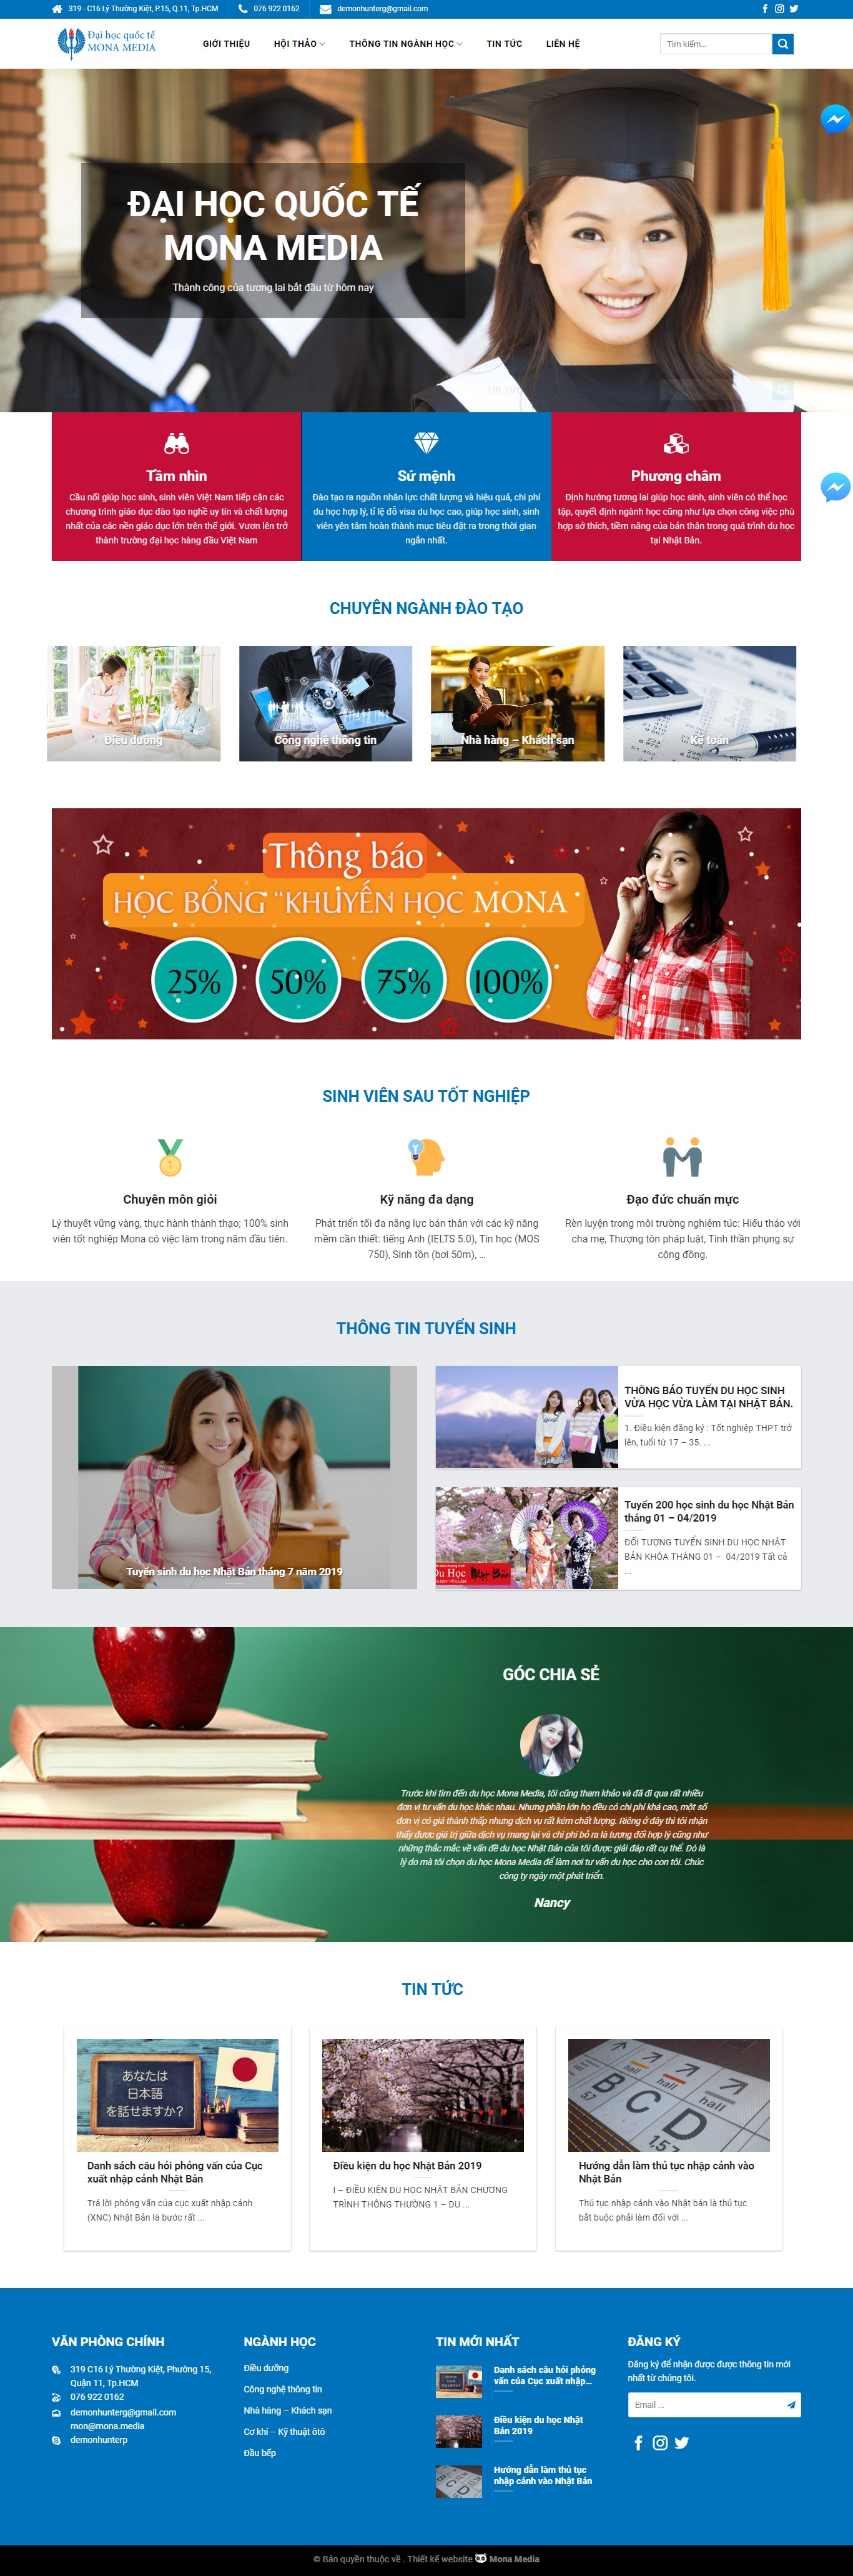 Mẫu website trường học giống Blueuni